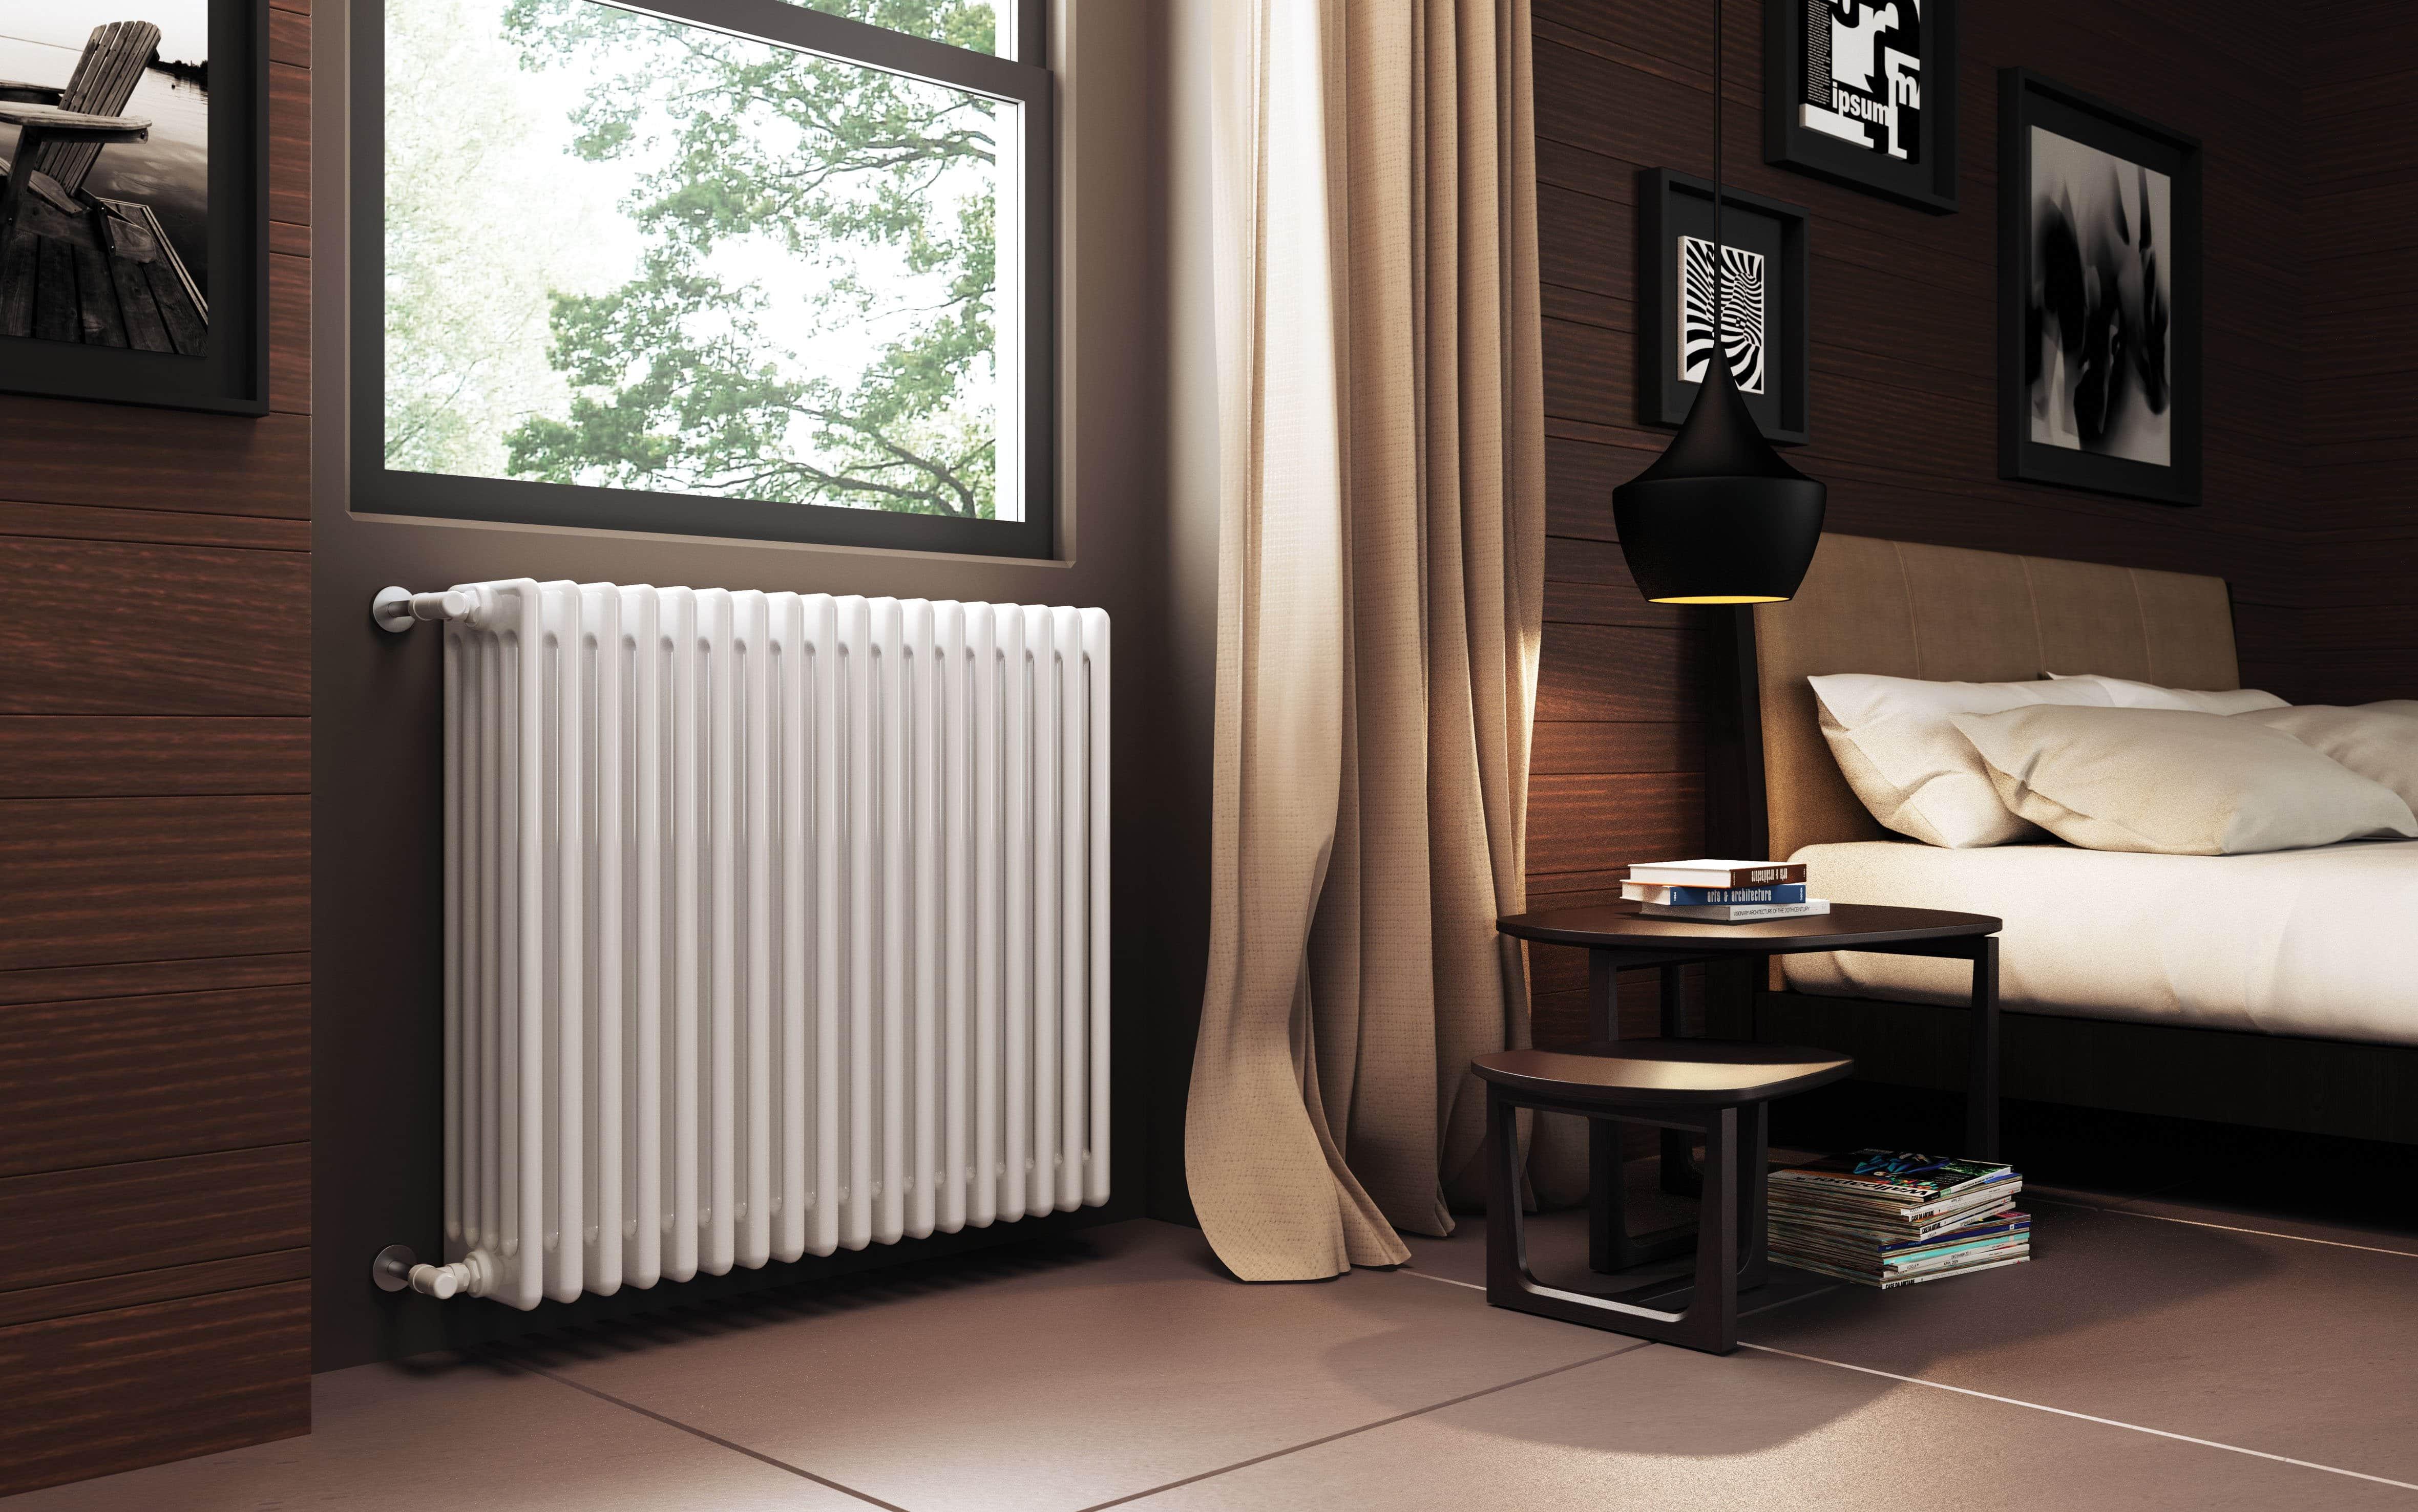 Узкие радиаторы: разновидности и назначение, горизонтальные